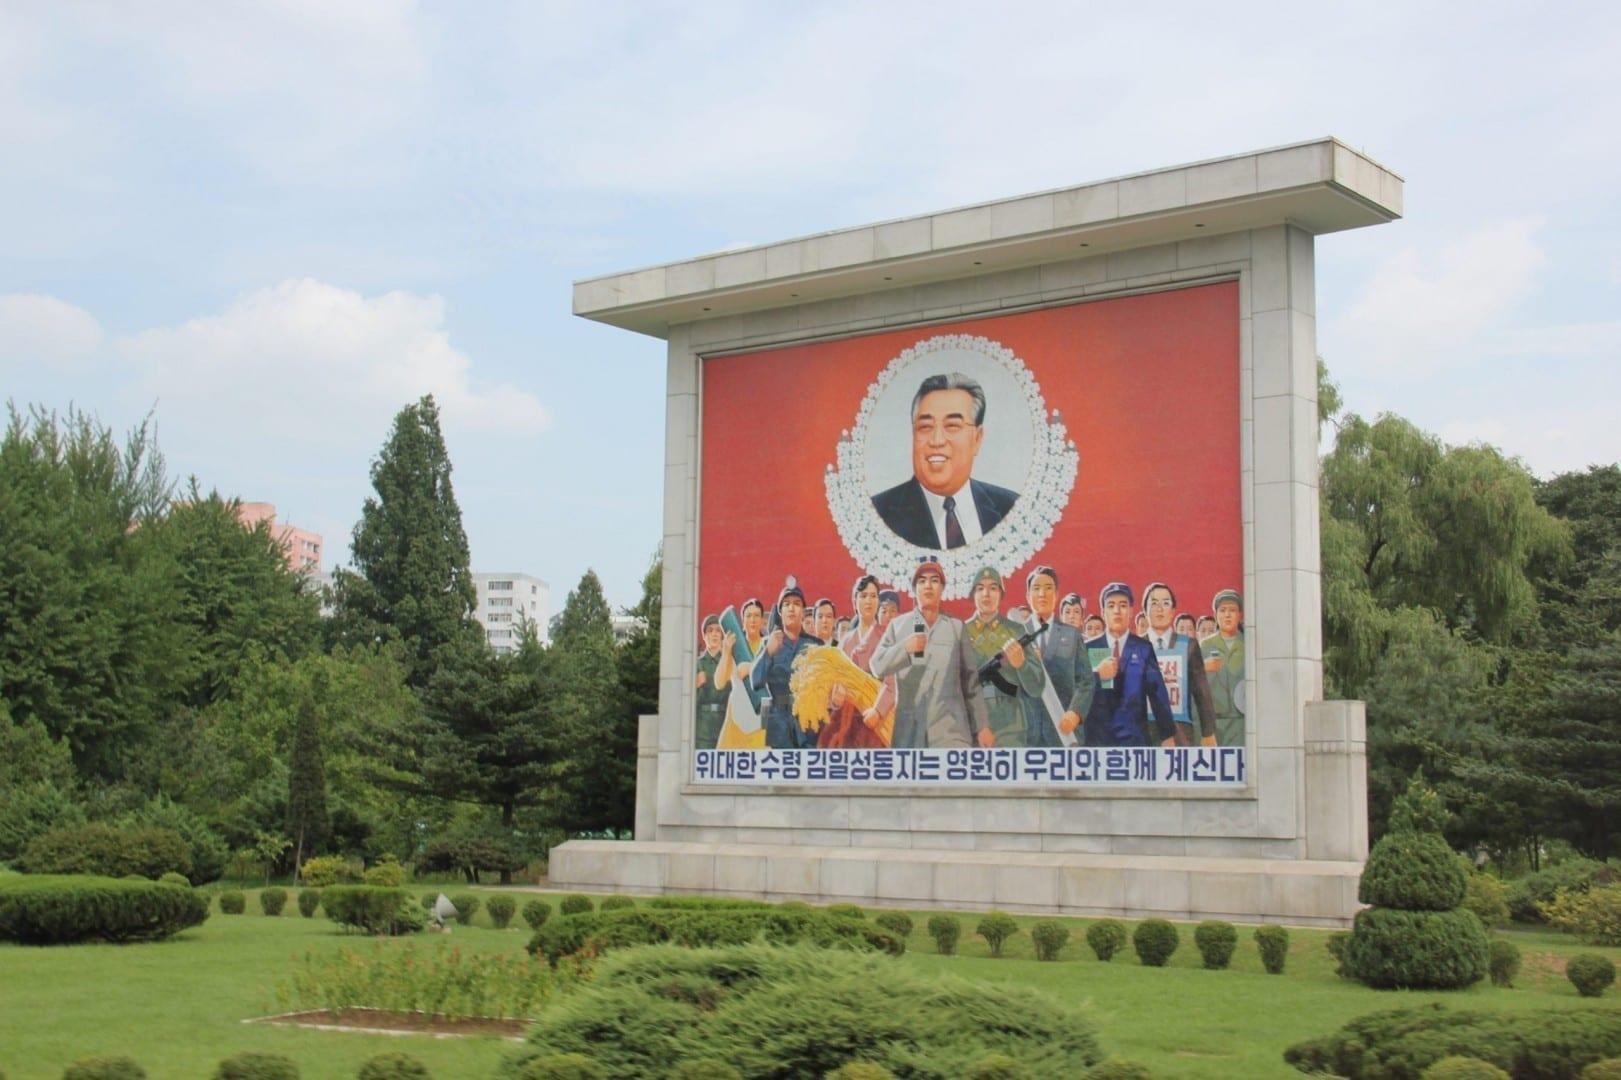 La propaganda comunista en Pyongyang Corea del Norte